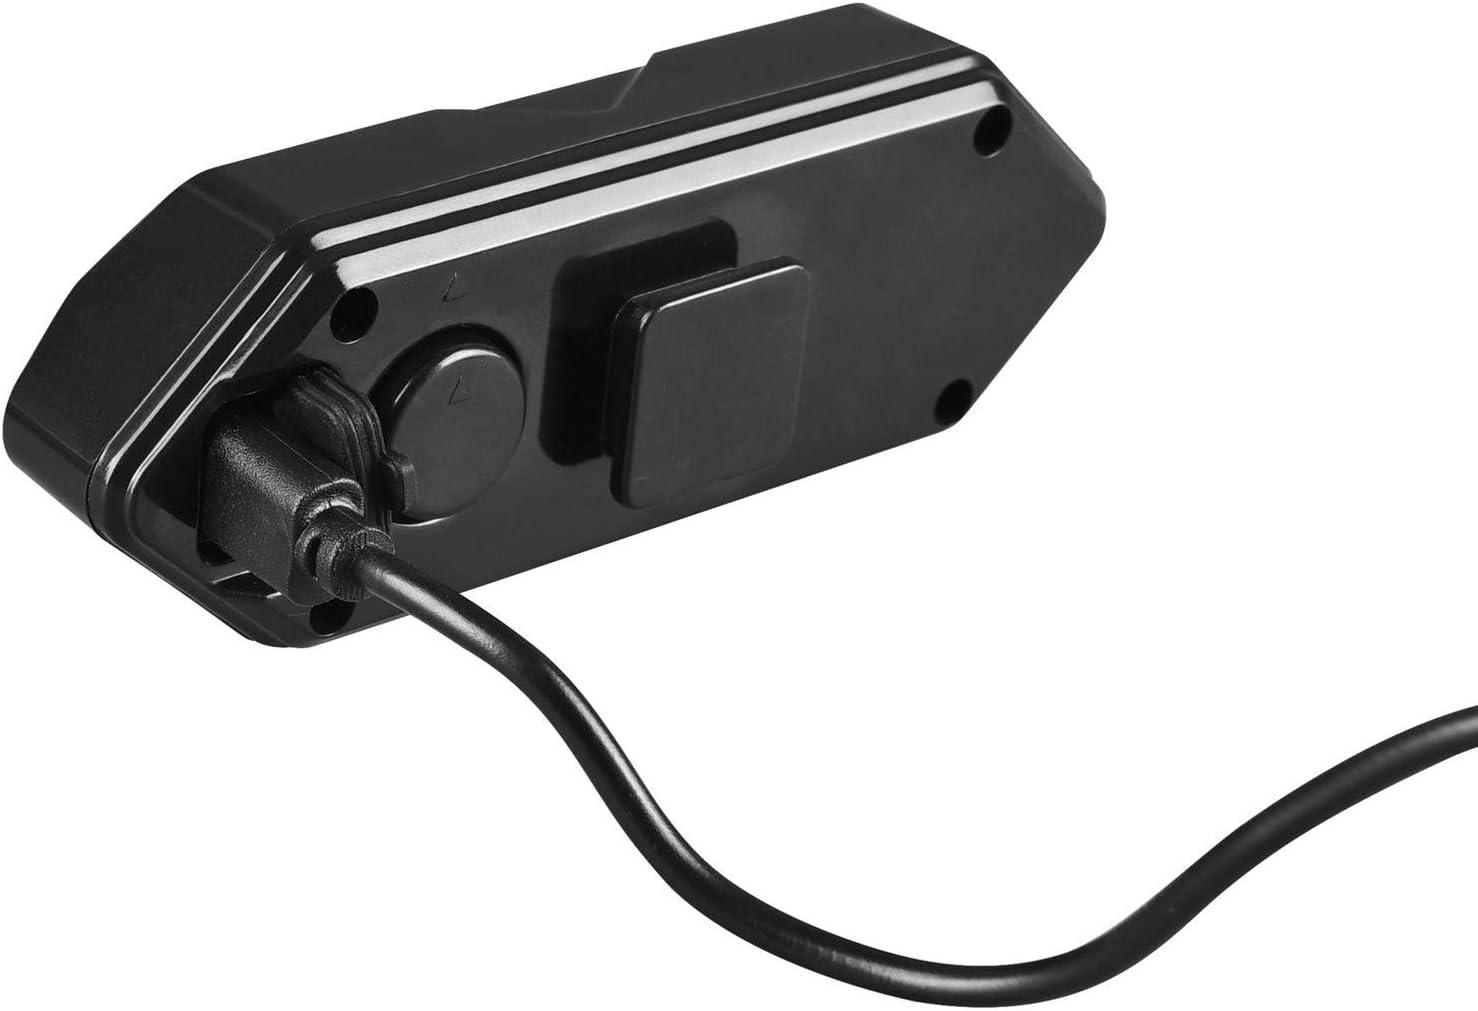 F Fityle V/élo Feu arri/ère avec Clignotants et 120DB Corne Indicateur sans Fil T/él/écommande V/élo Arri/ère Lumi/ère Arri/ère USB Rechargeable S/écurit/é Avertissement